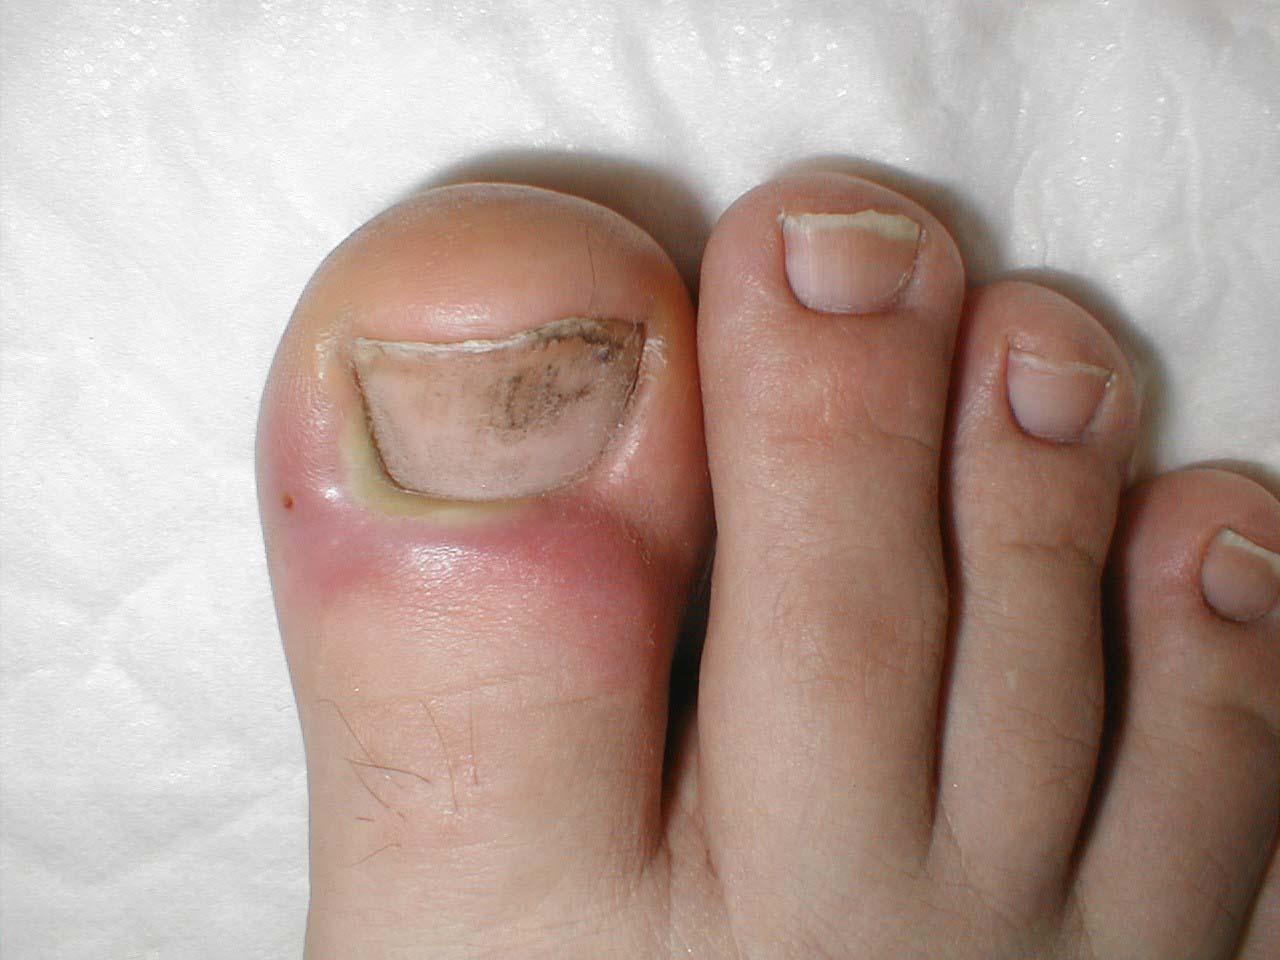 недорогое и эффективное средство от грибка ногтей